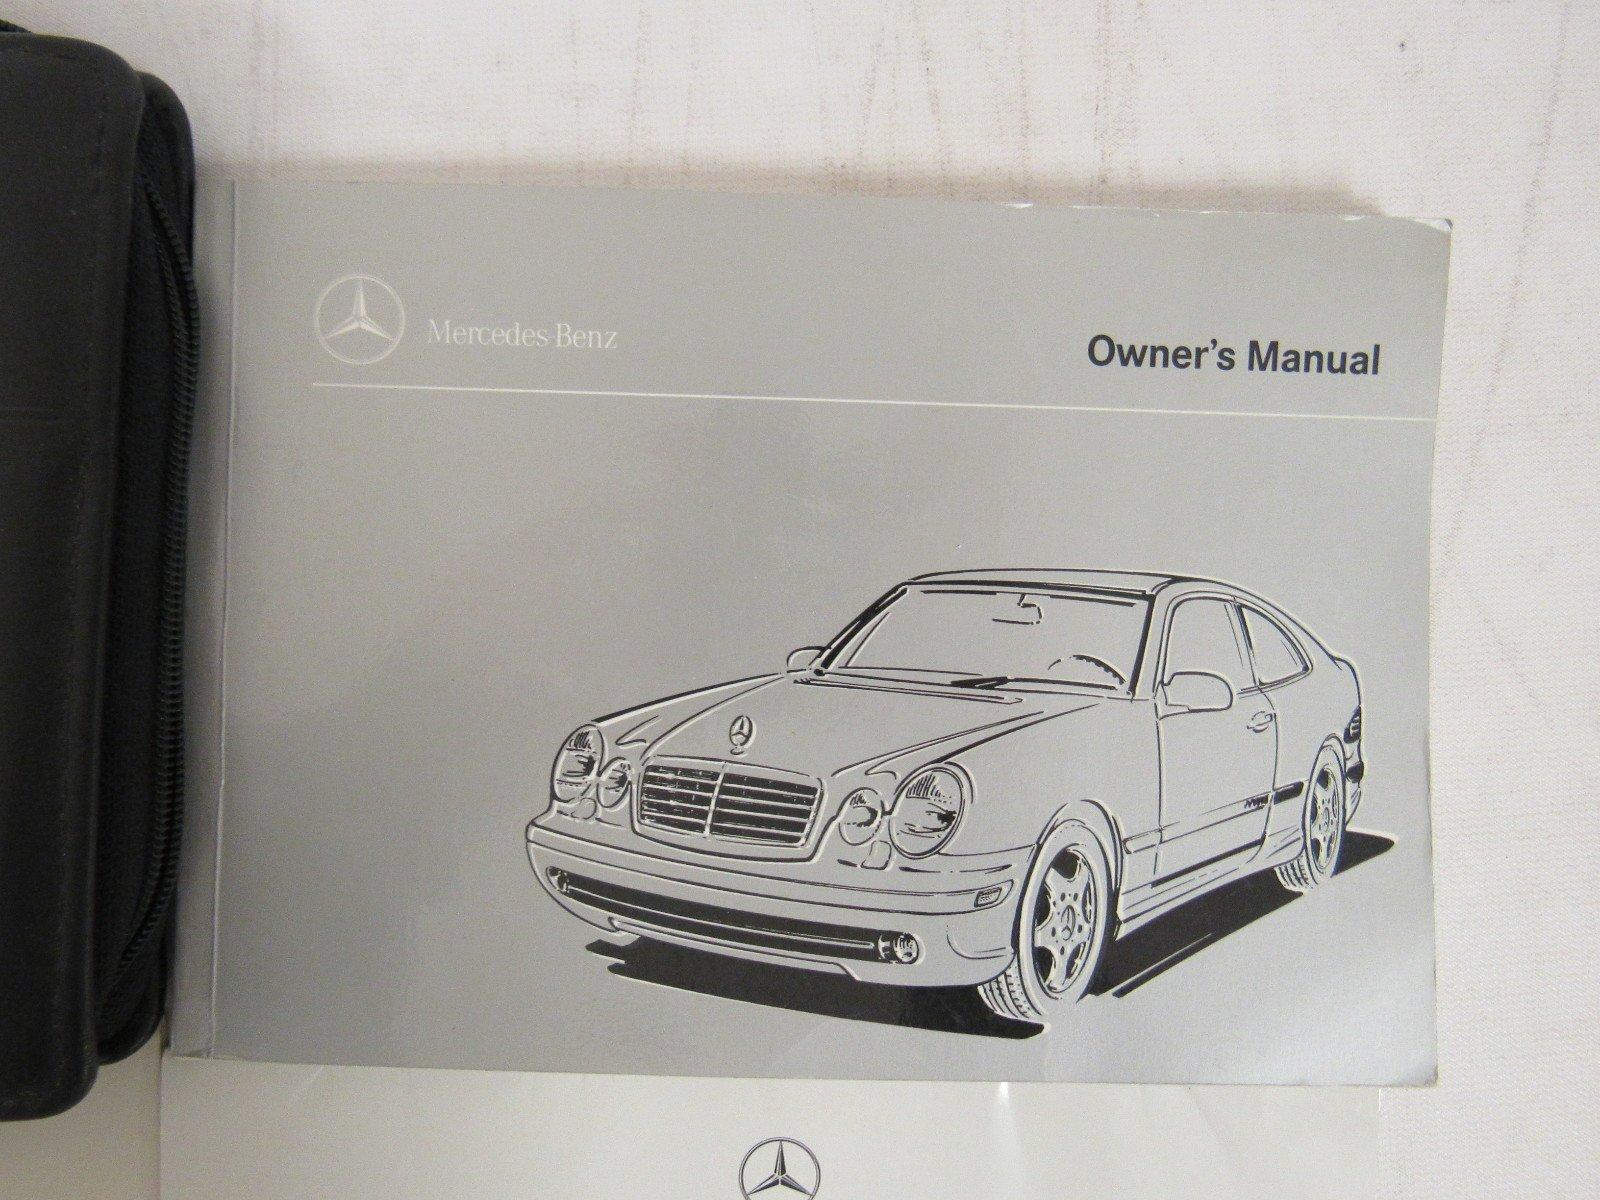 1999 Mercedes-Benz CLK 430 Owners Manual book: Mercedes-Benz: Amazon.com:  Books